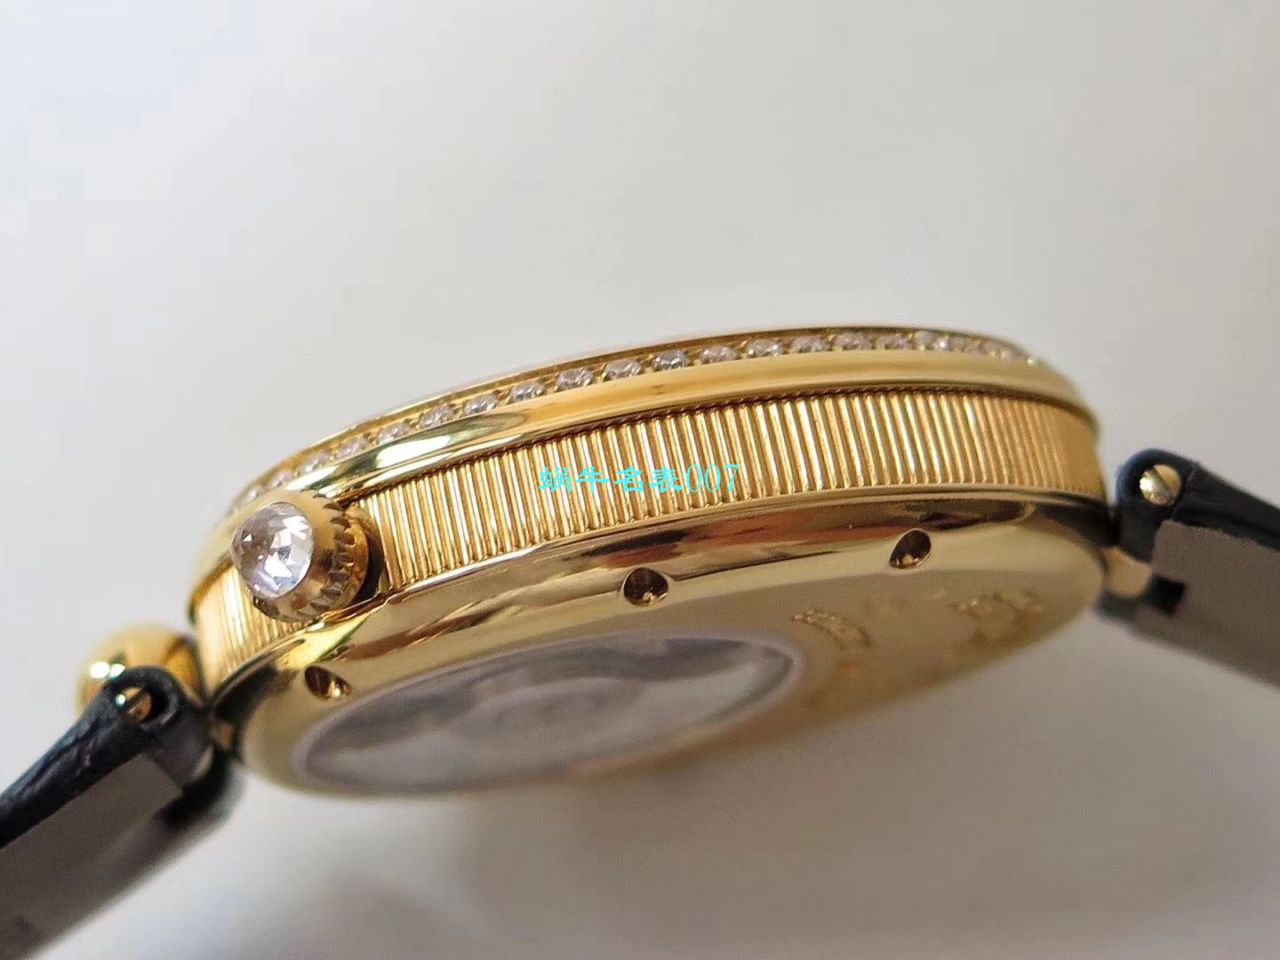 【视频评测ZF厂Breguet复刻女表】宝玑那不勒斯皇后系列8918BA/58/964/D00D腕表 / BZ057